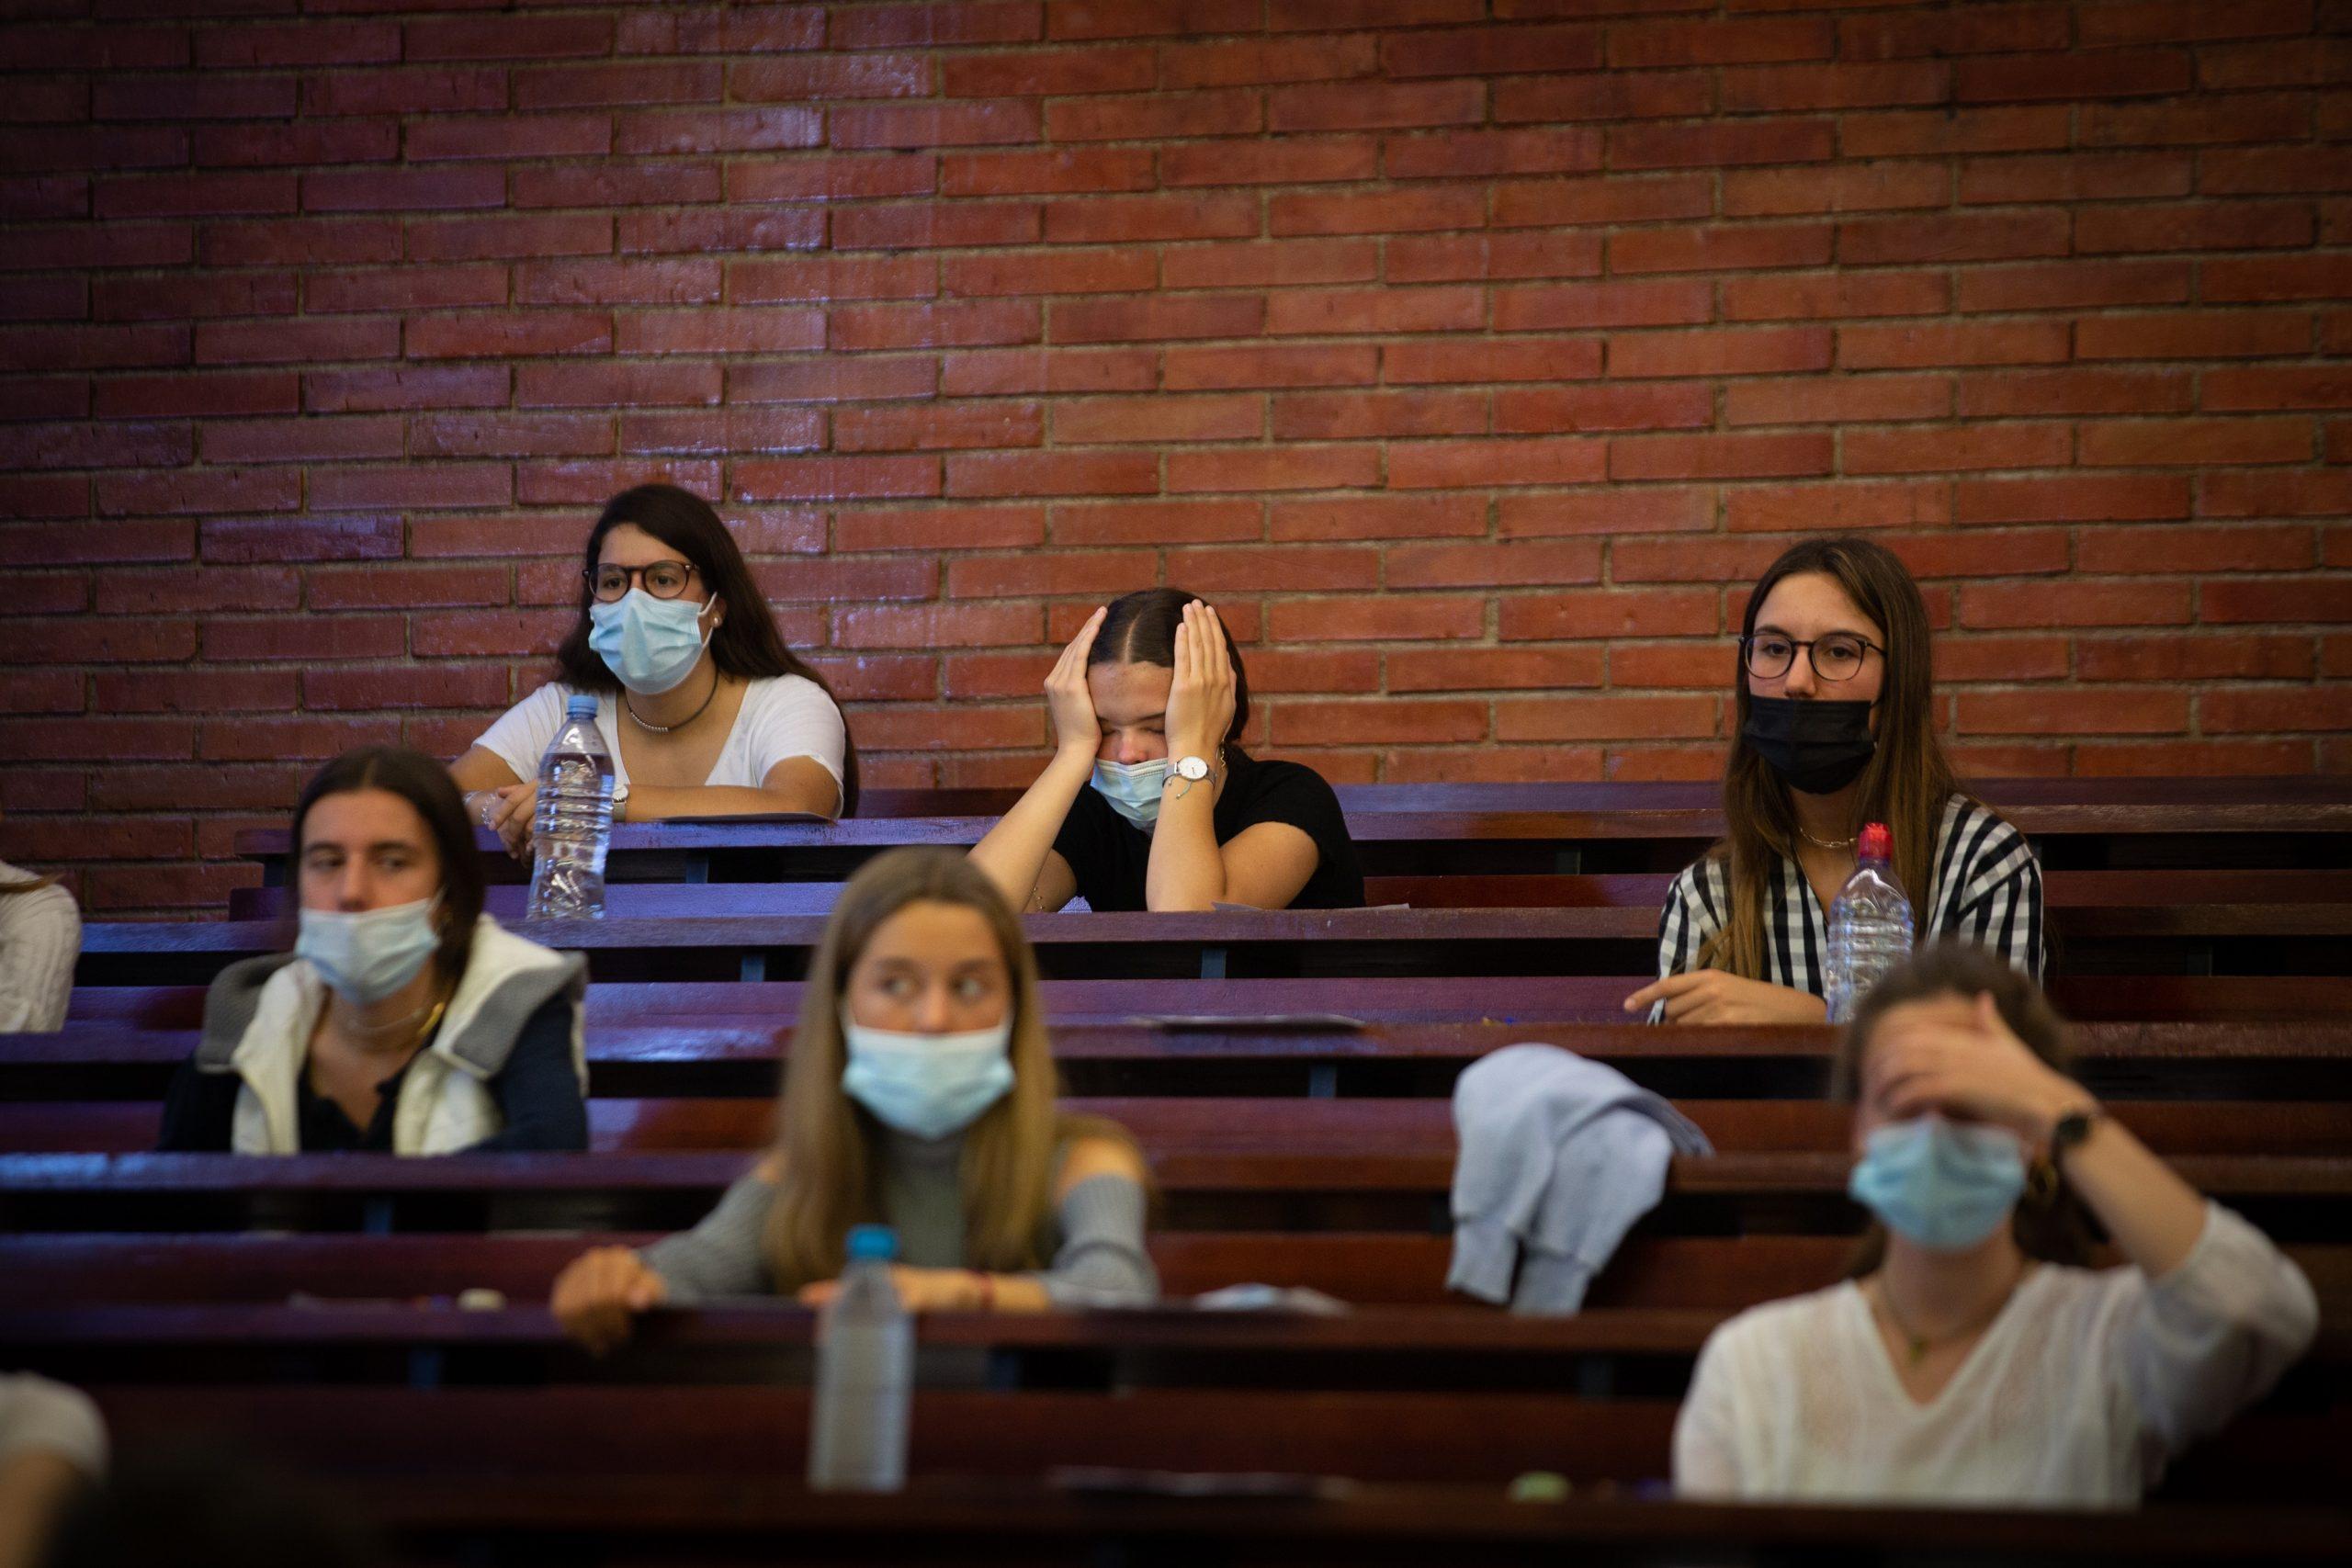 Estudiants abans del primer examen de la selectivitat DAVID ZORRAKINO - EUROPA PRESS 8/6/2021